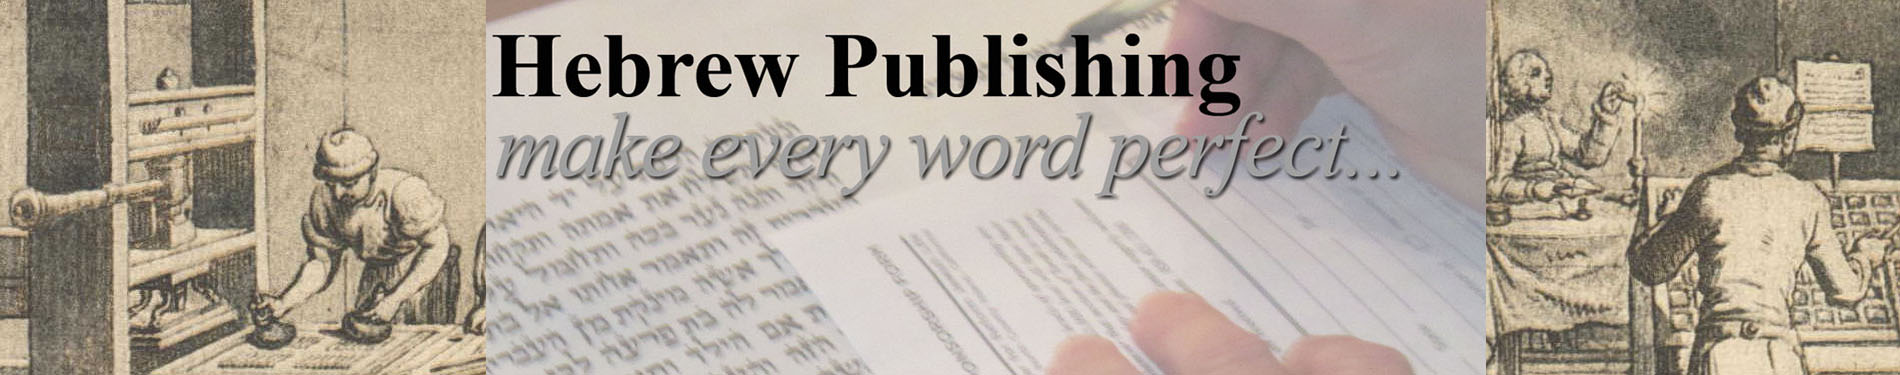 HEBREW PUBLISHING